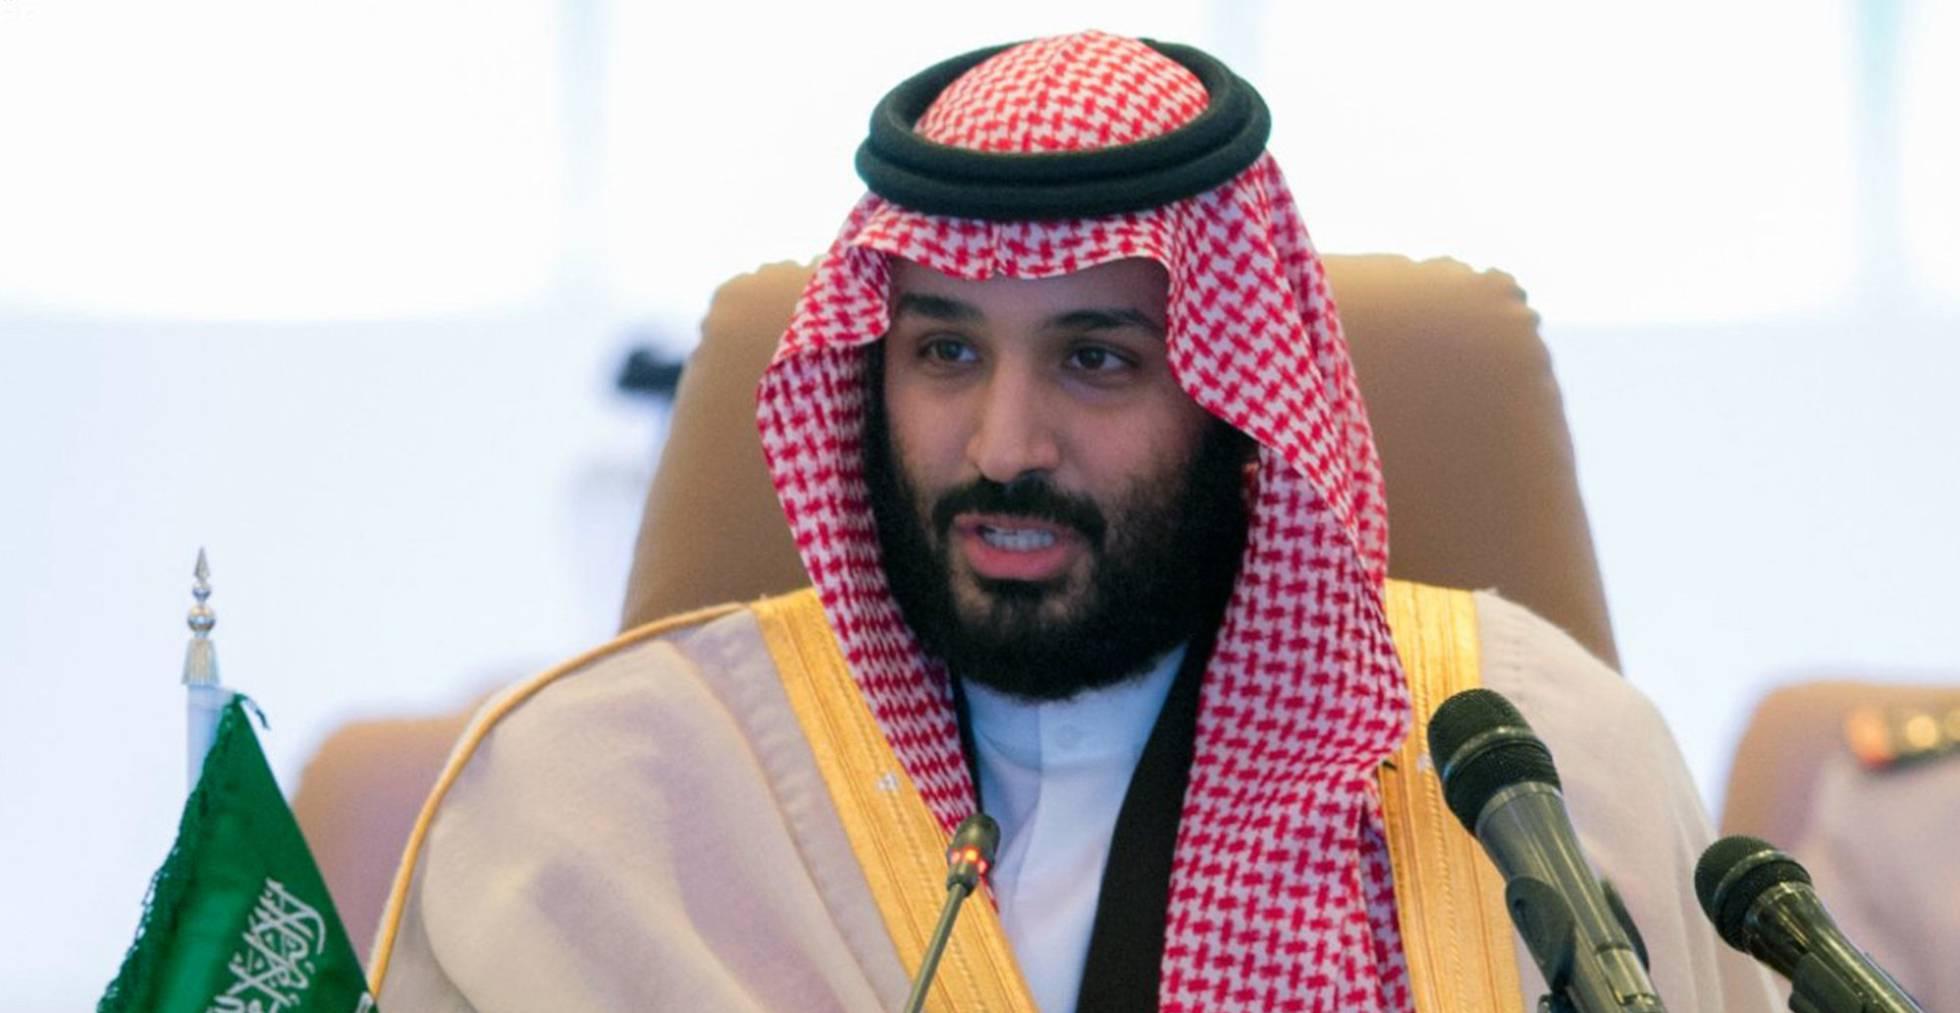 Arabia Saudí afirma que ha recaudado 86.000 millones en la purga anticorrupción